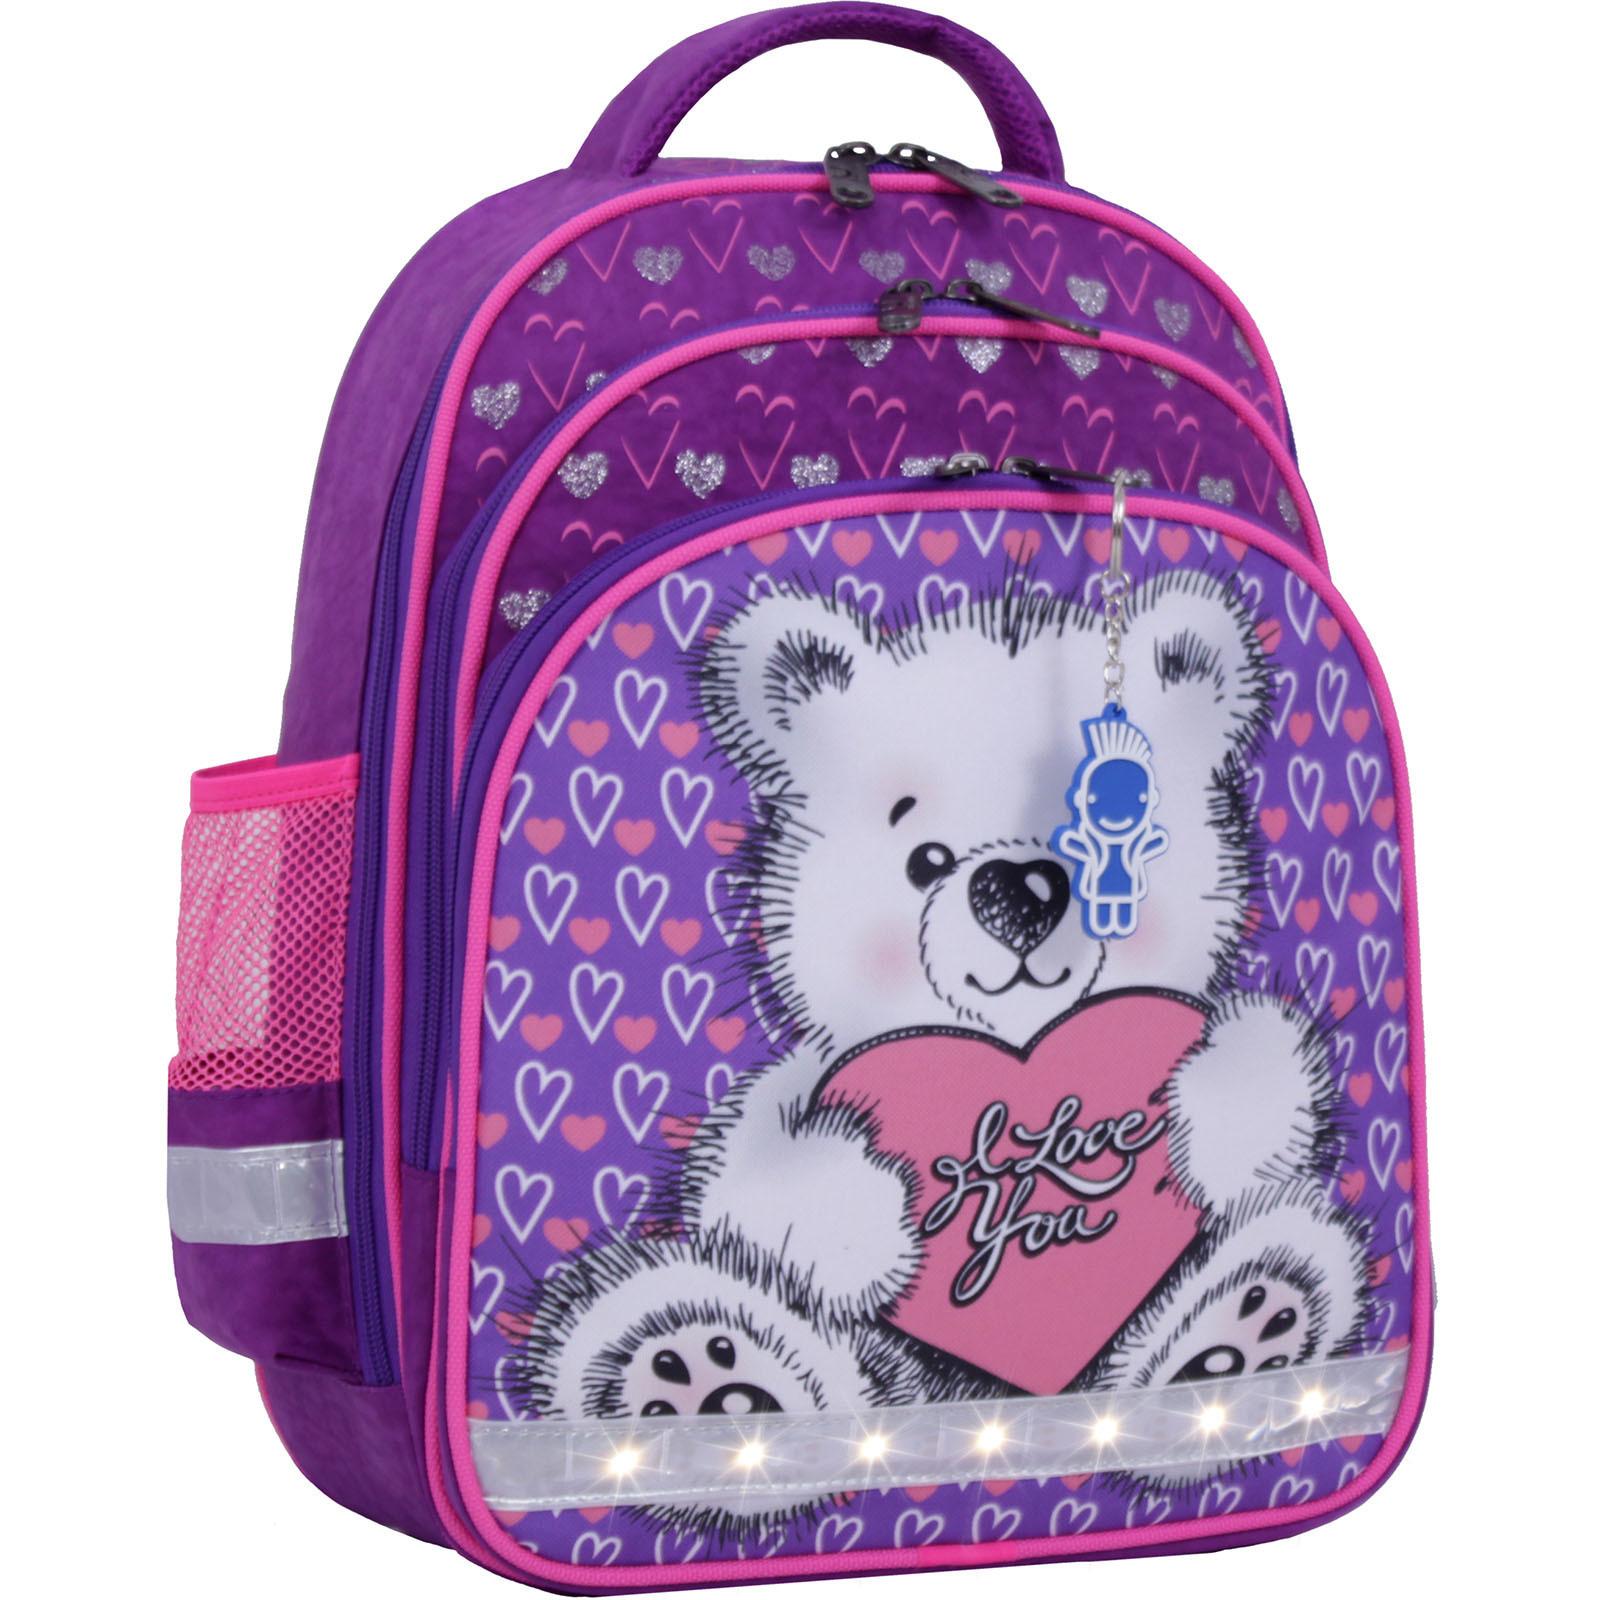 Школьные рюкзаки Рюкзак школьный Bagland Mouse 339 фиолетовый 337 (0051370) IMG_1155.JPG